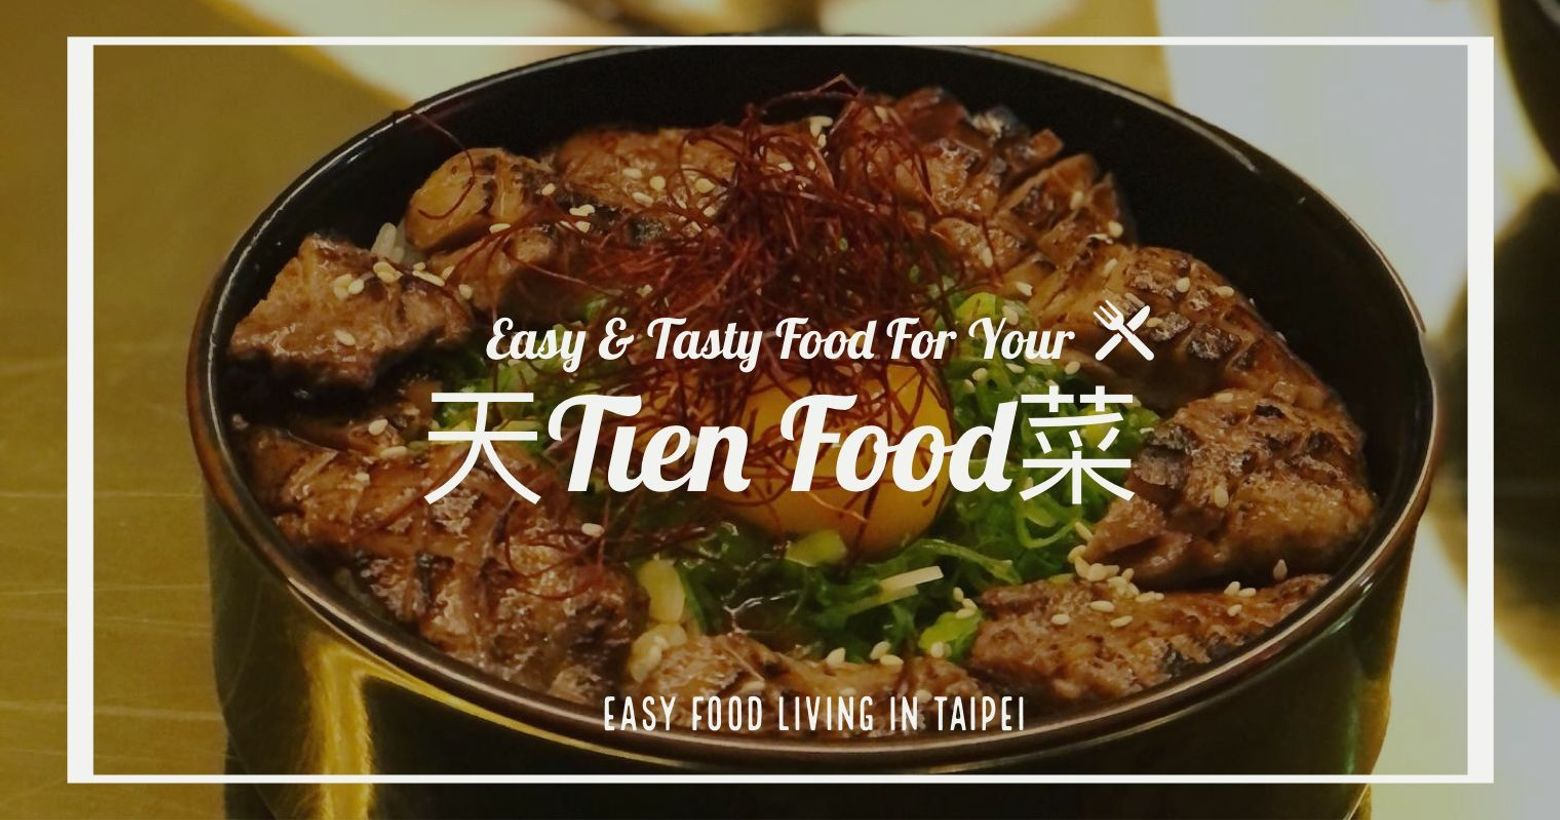 除了食物是天菜之外,店員也是大家的天菜?《台北信義區|天Tien Food菜》信義區很多餐廳的單價都